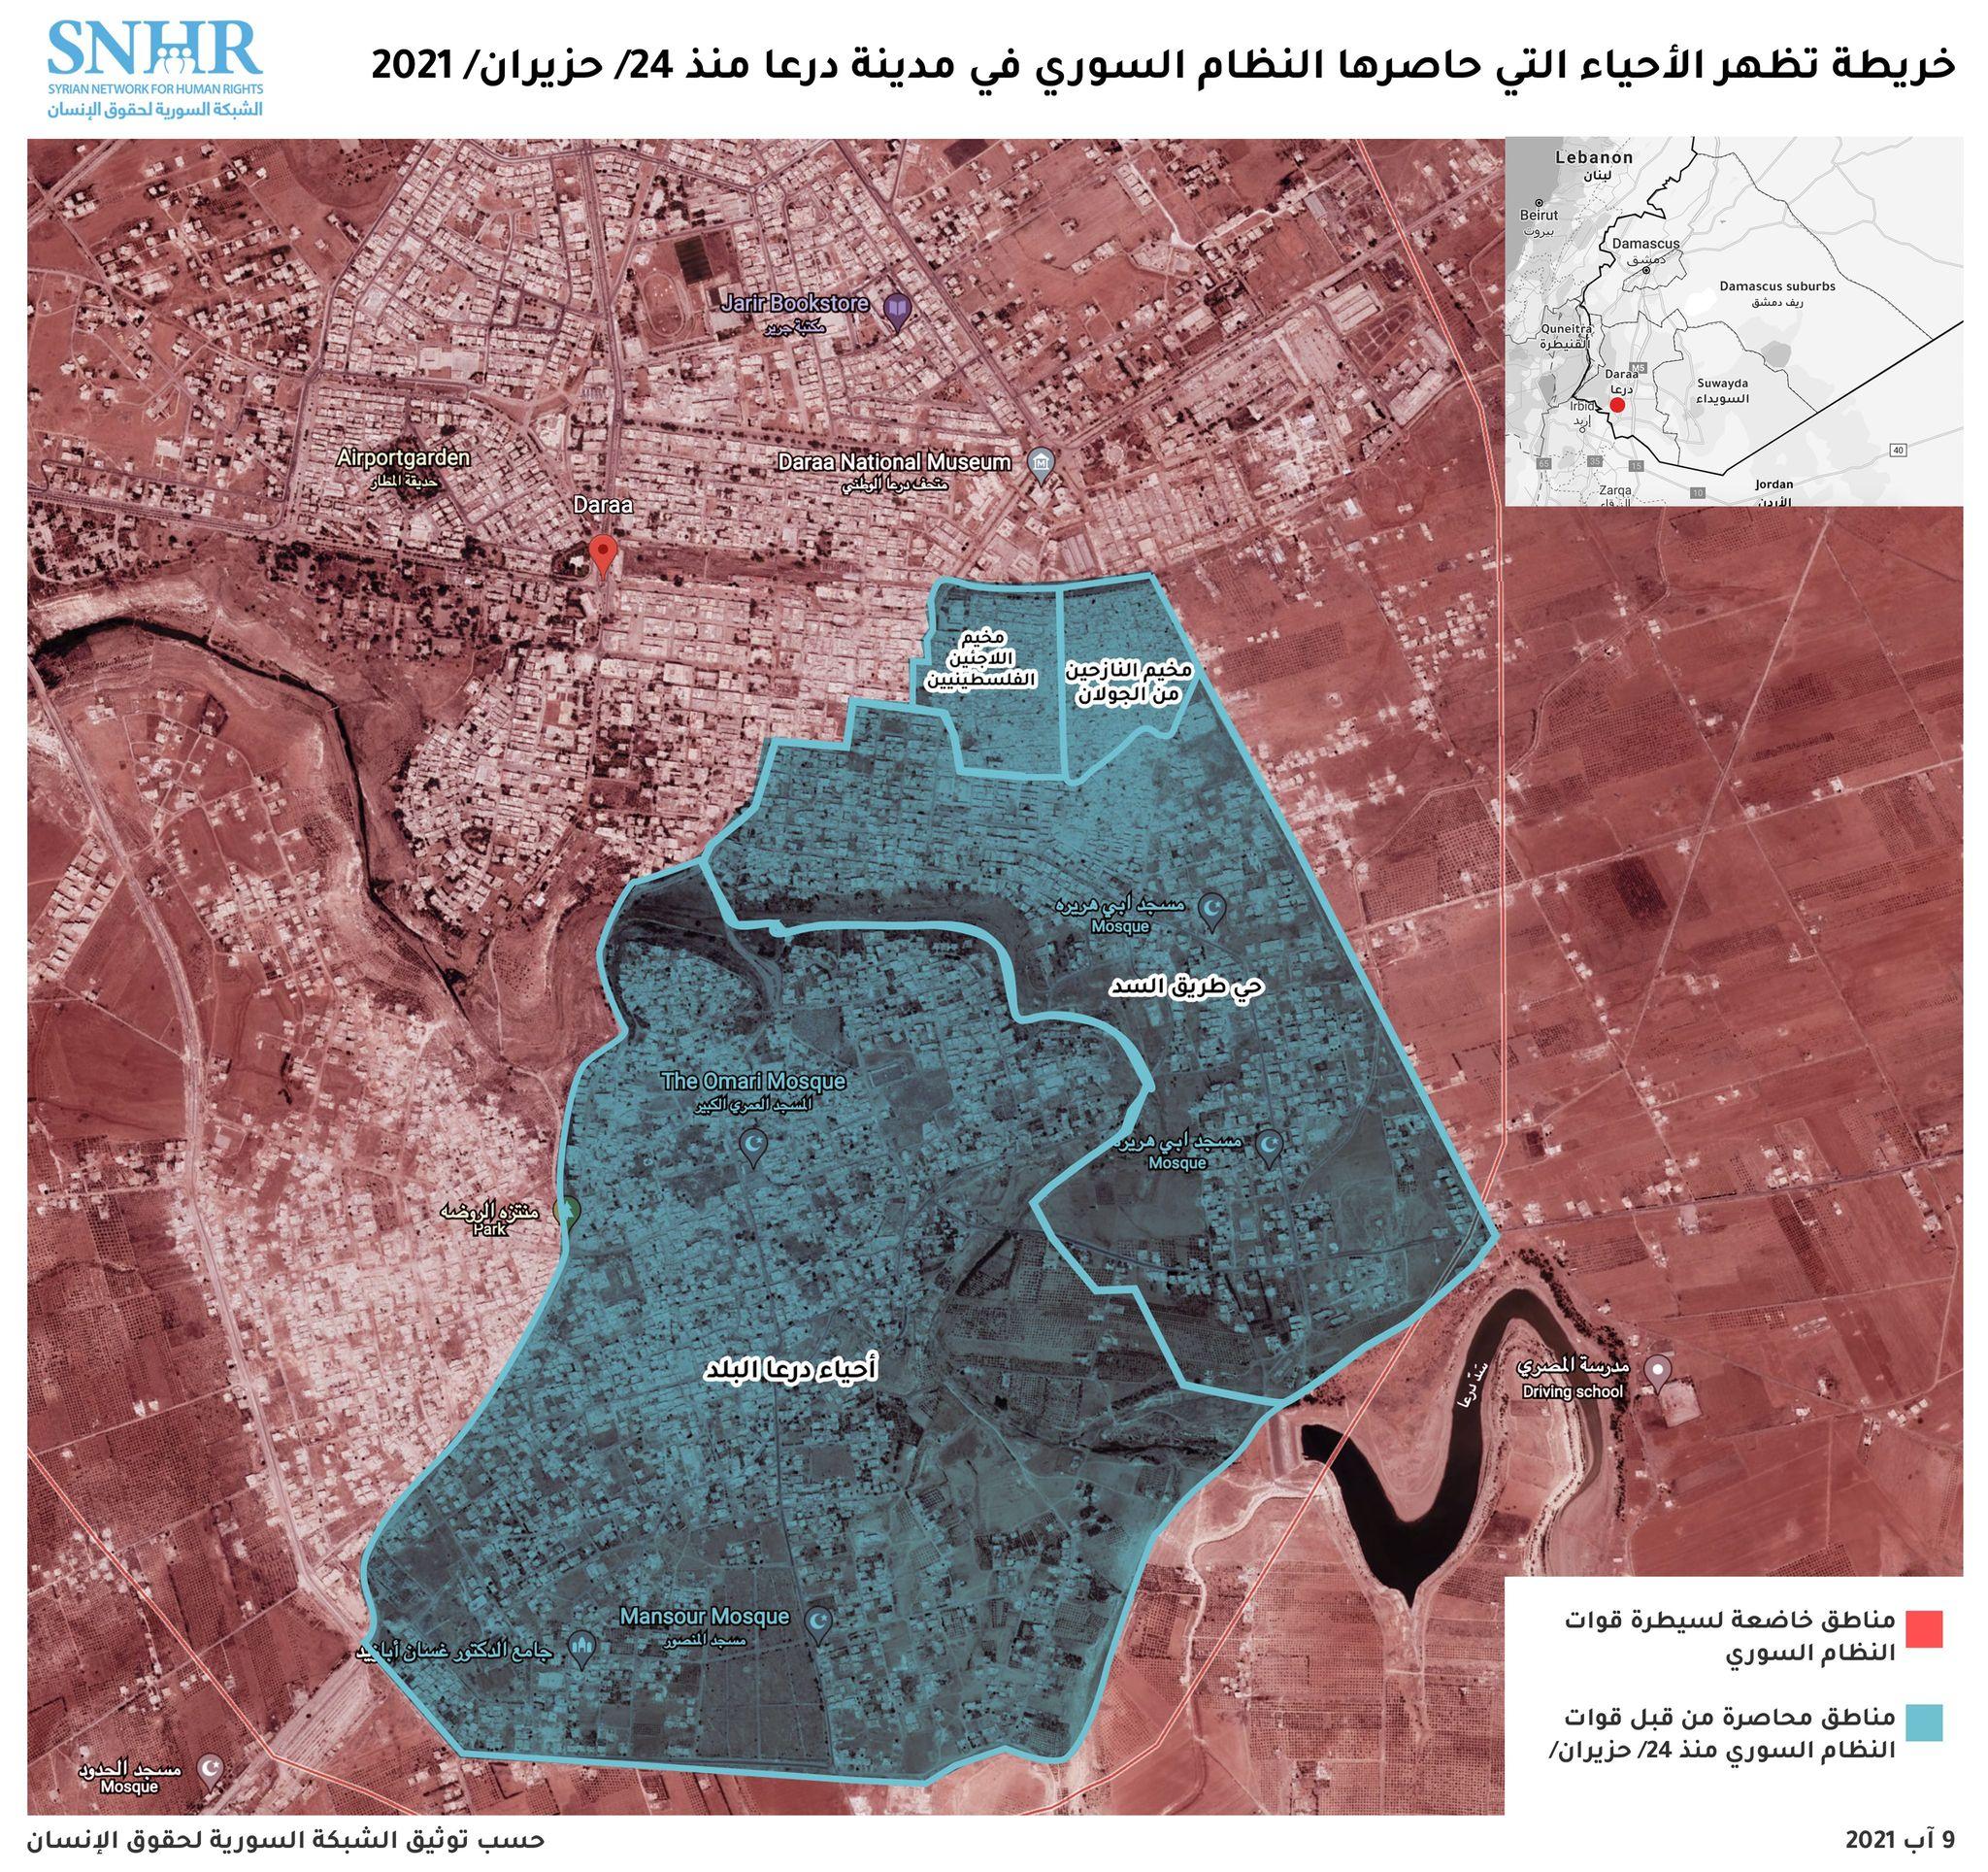 إدانة للتهديدات والممارسات التي يطبقها النظام السوري على أهالي درعا بهدف تهجيرهم قسرياً